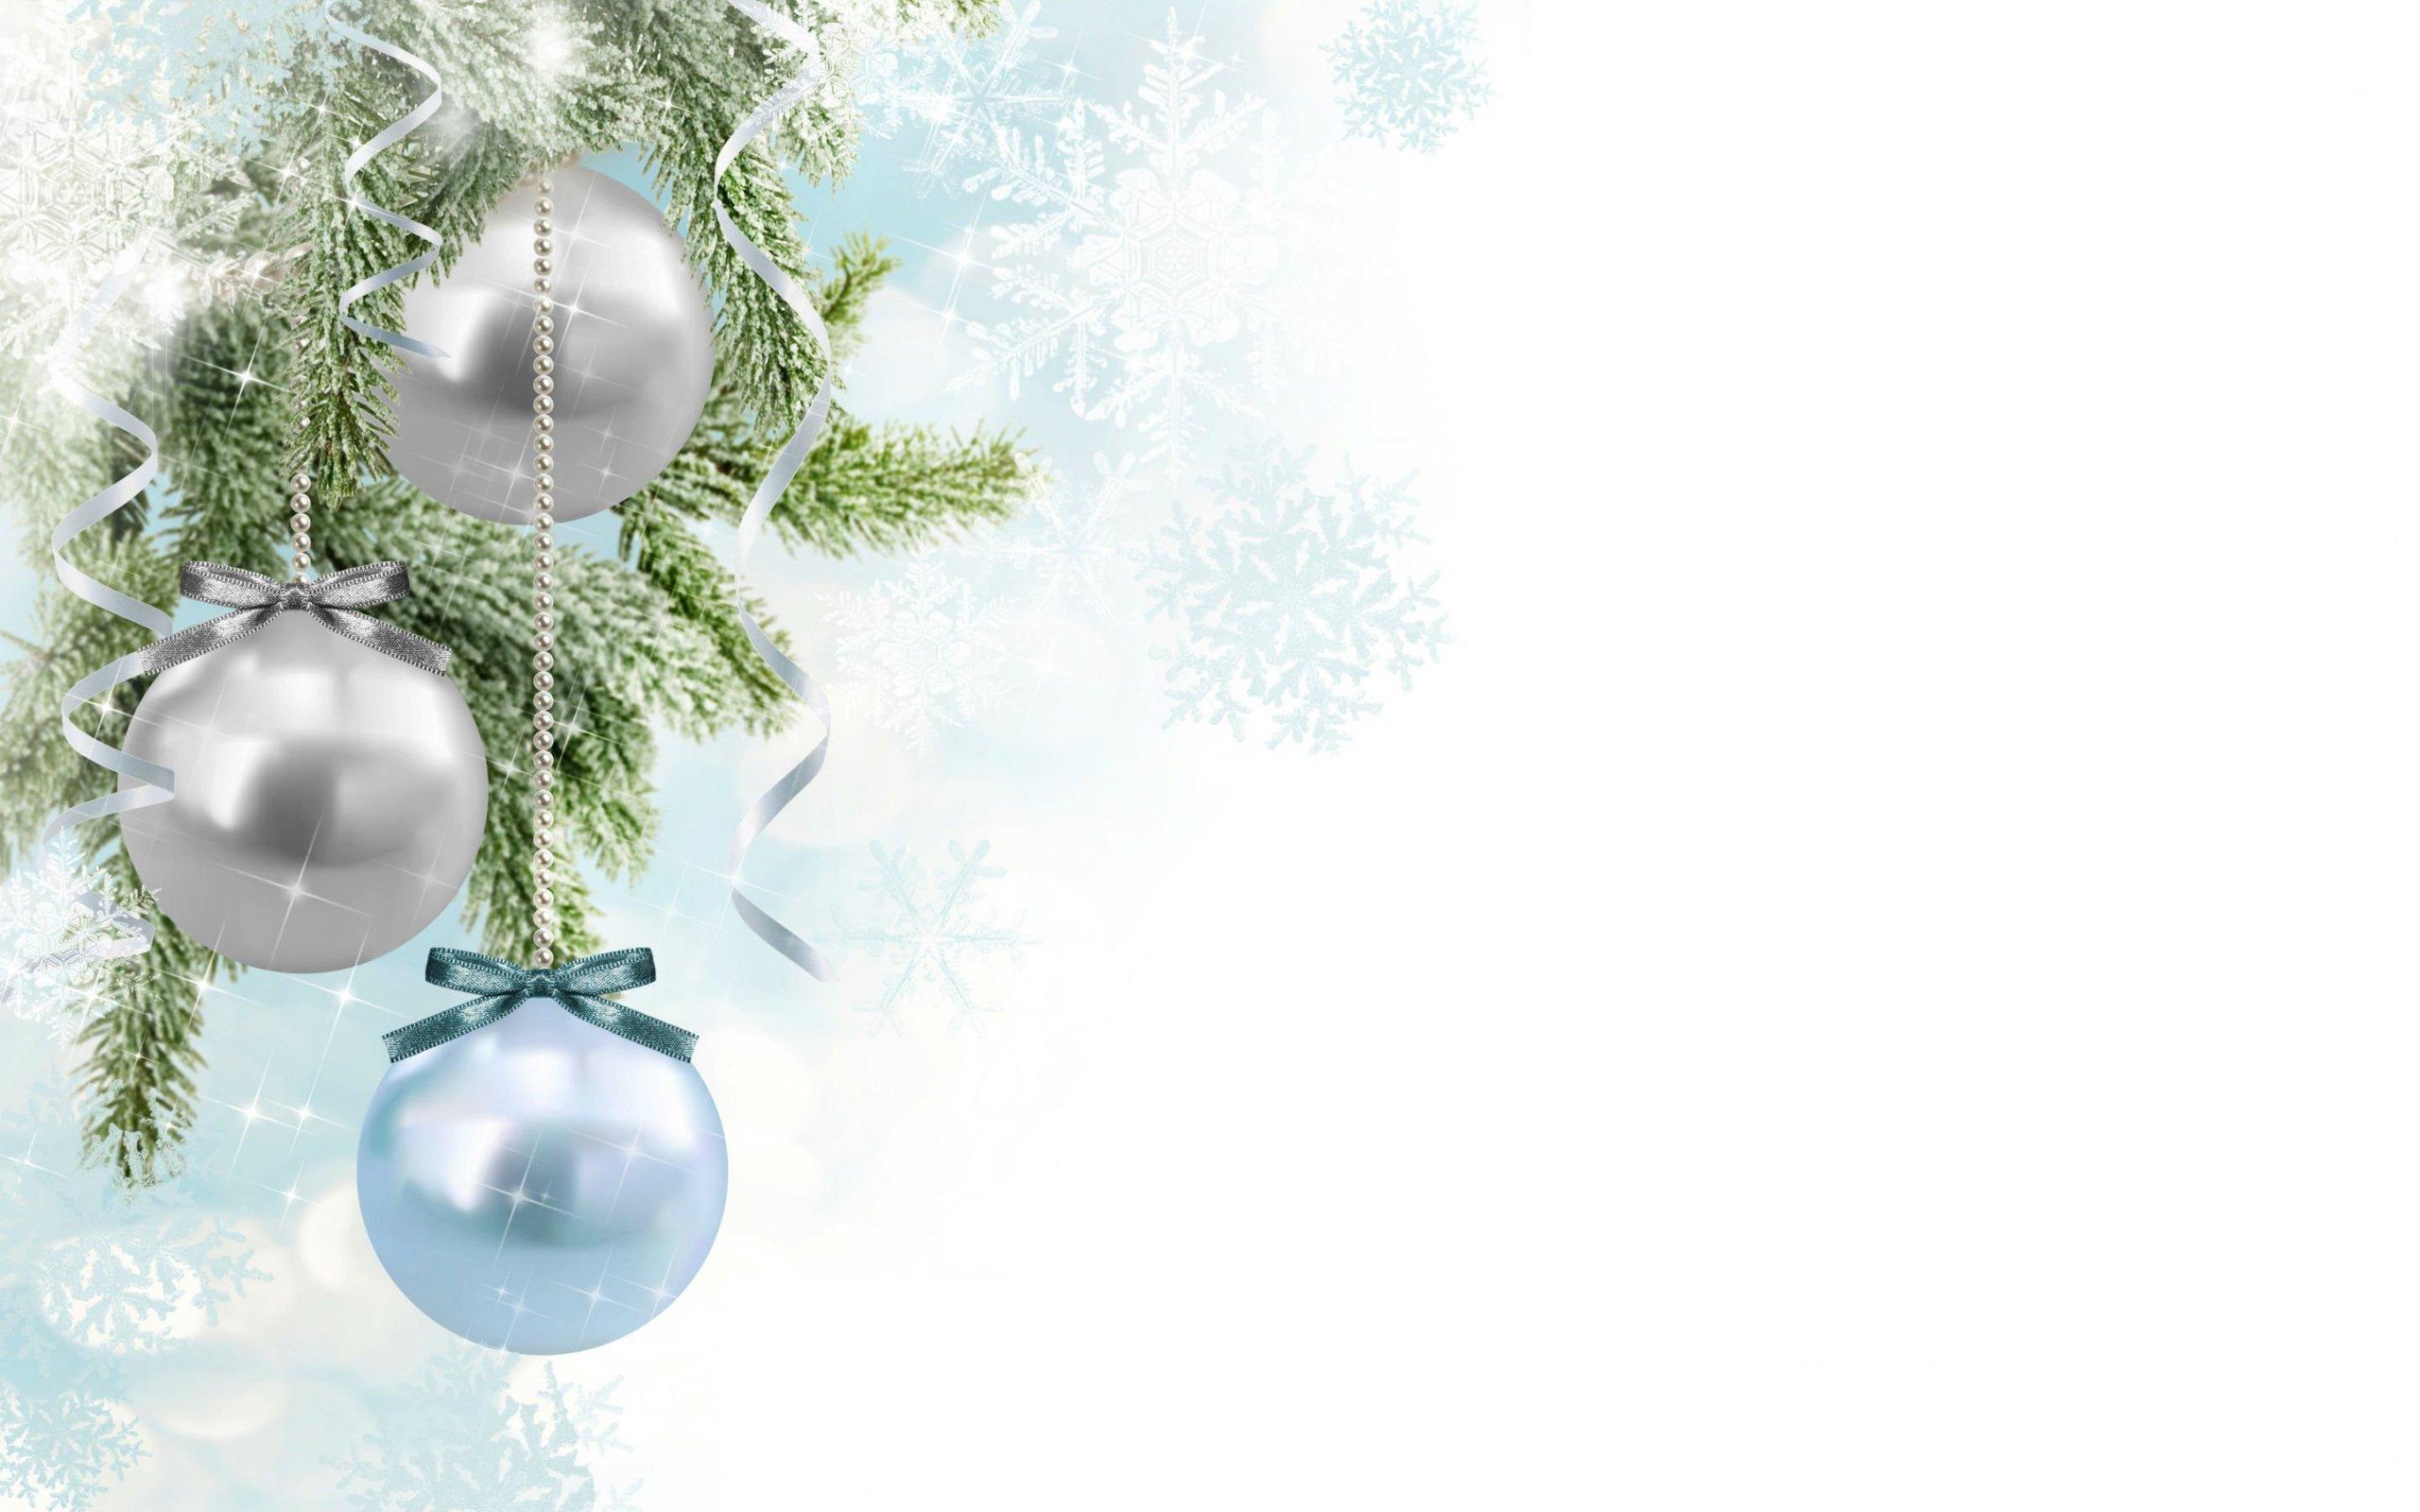 Фон для новогоднего поздравления 21